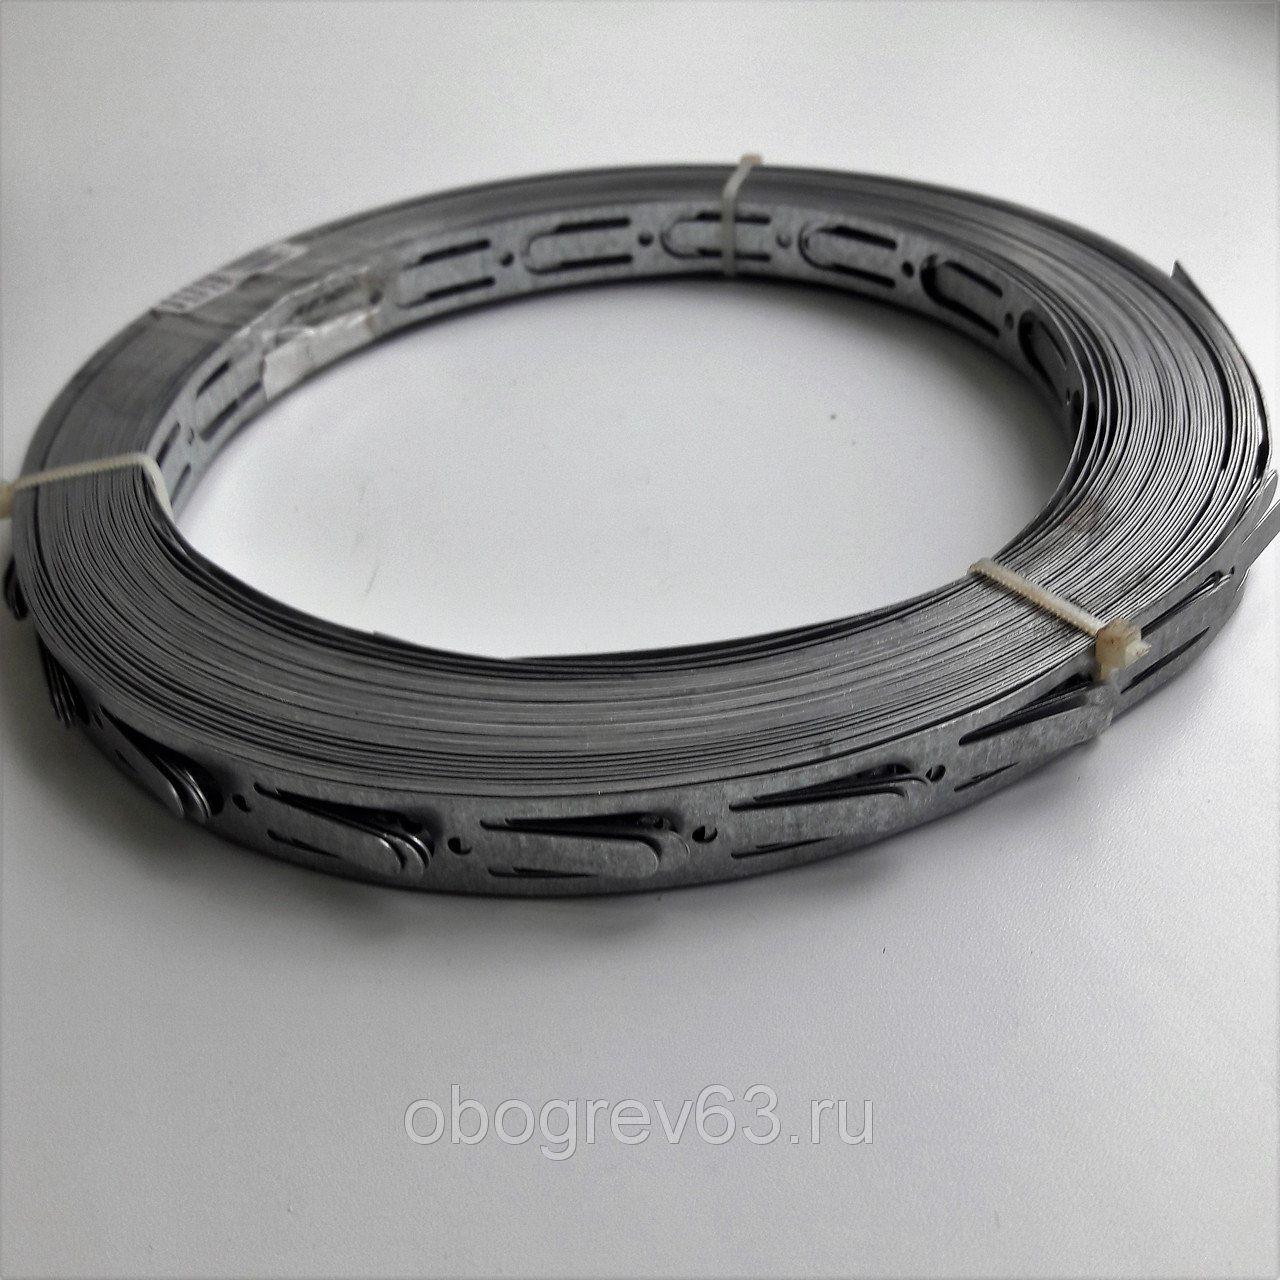 Лента для монтажа греющего кабеля.